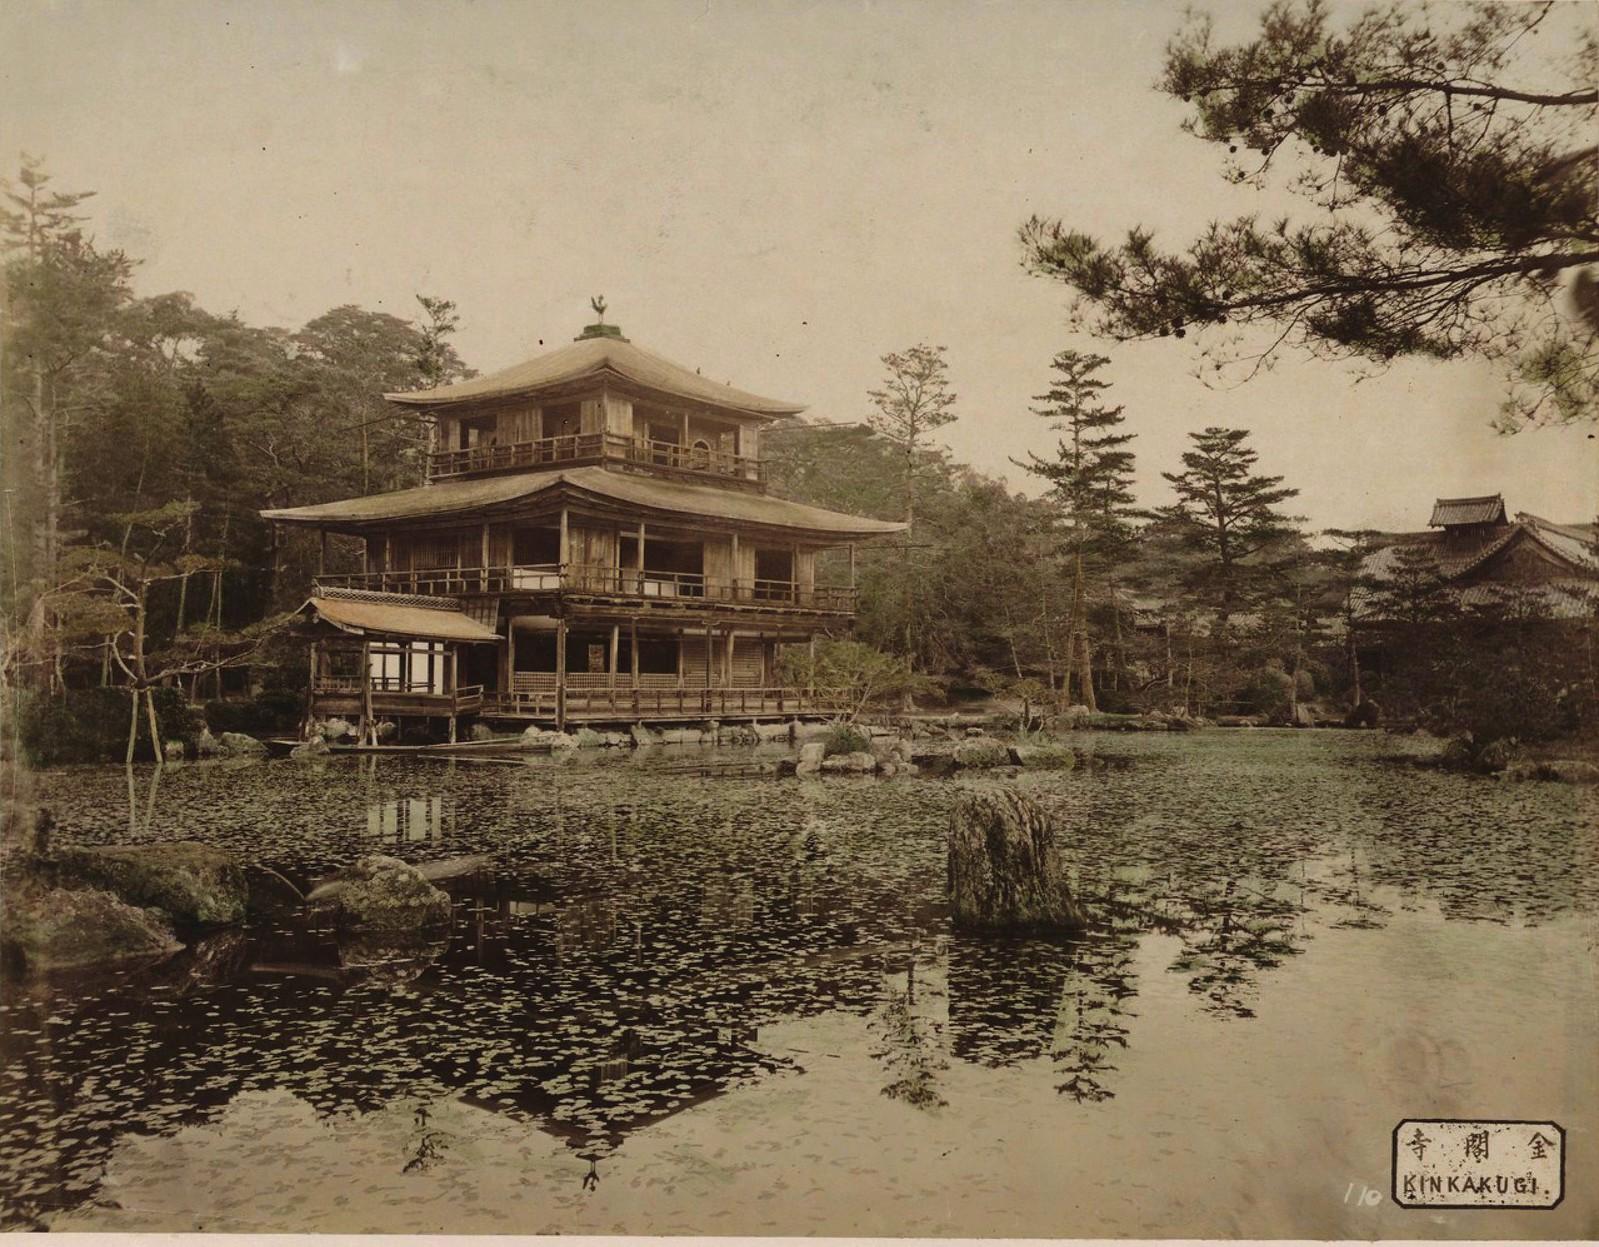 17. 1891. Киото. Буддийский храм и Священное озеро, осмотренные наследником цесаревичем